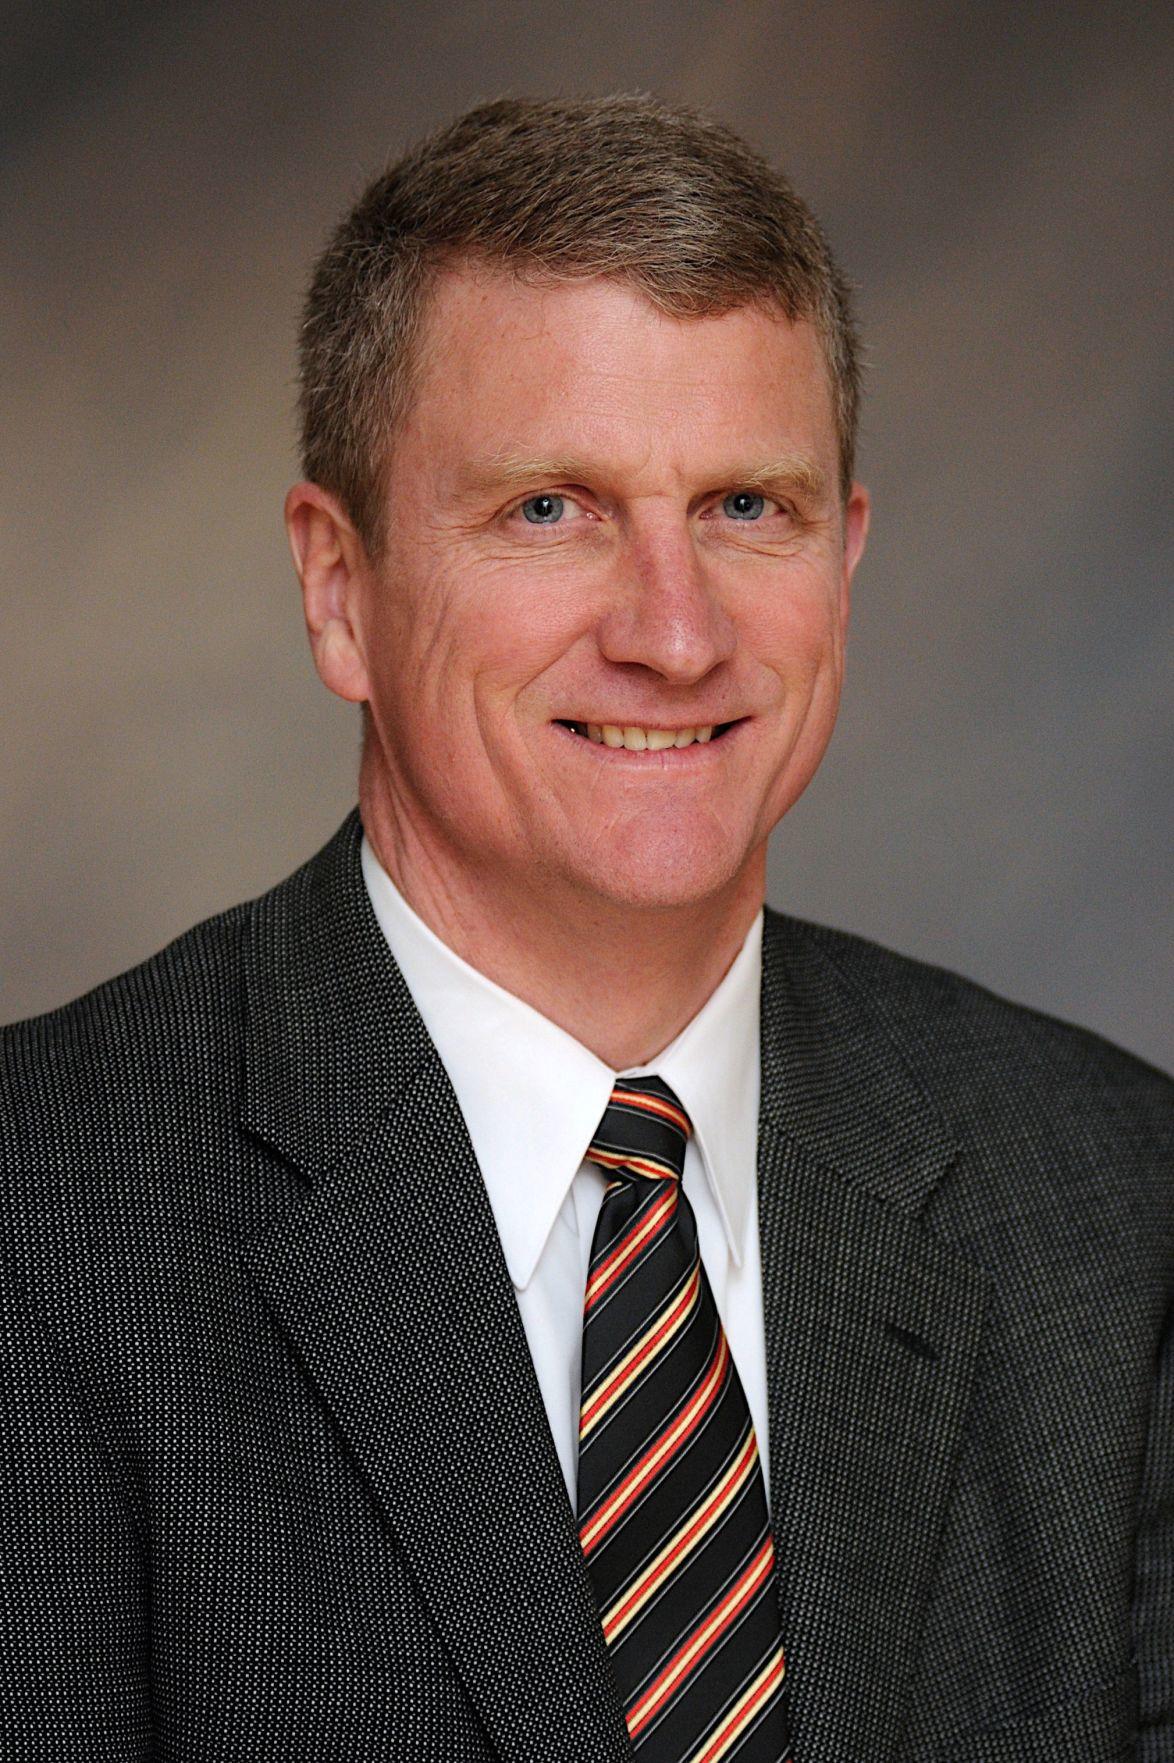 Stuart Schaefer